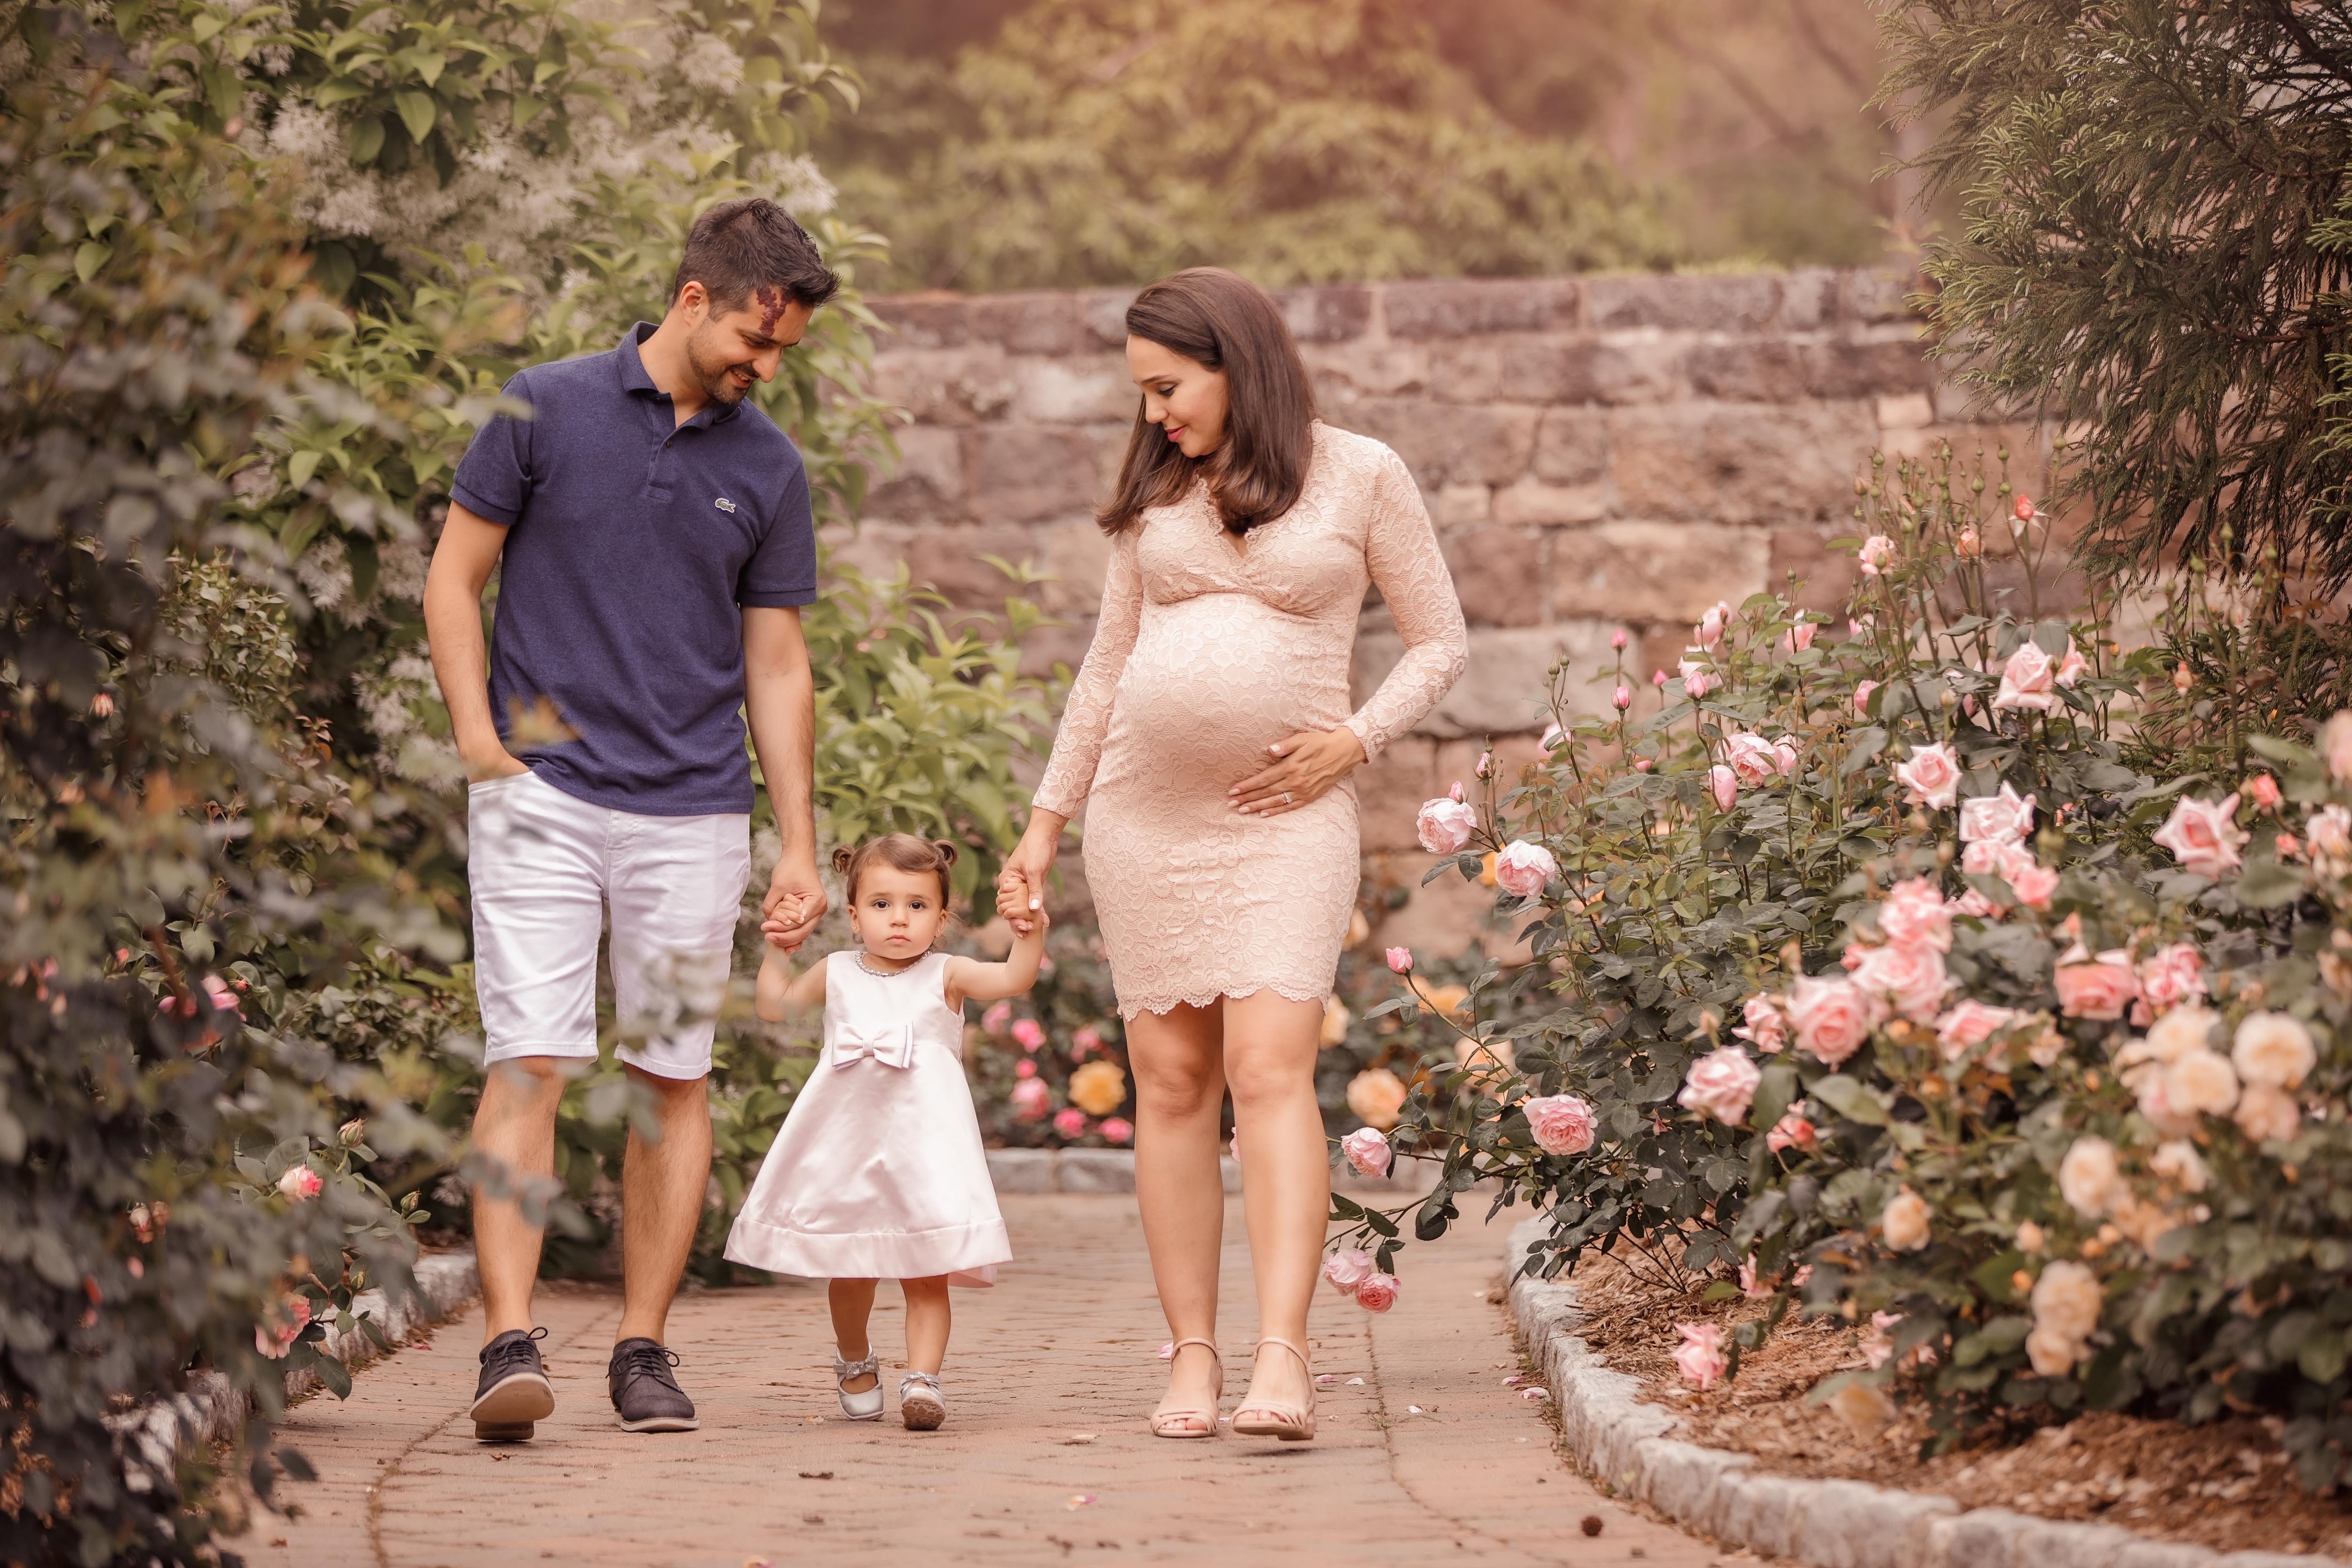 NJ pregnancy photographerCAROLZONTA_20163S7A7999-Edit